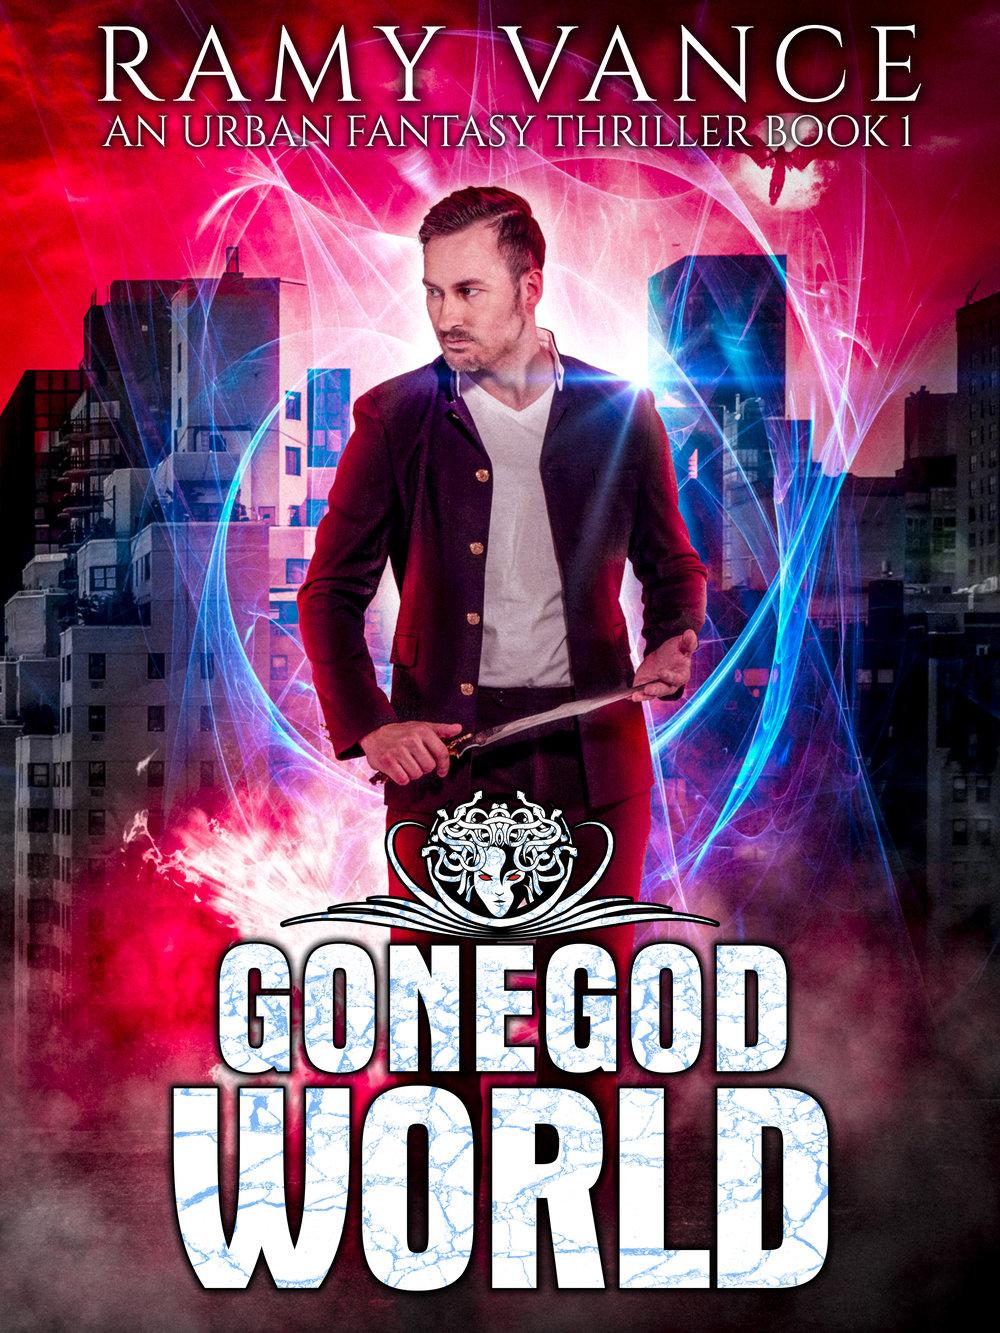 GoneGod 1 Ebook.jpg